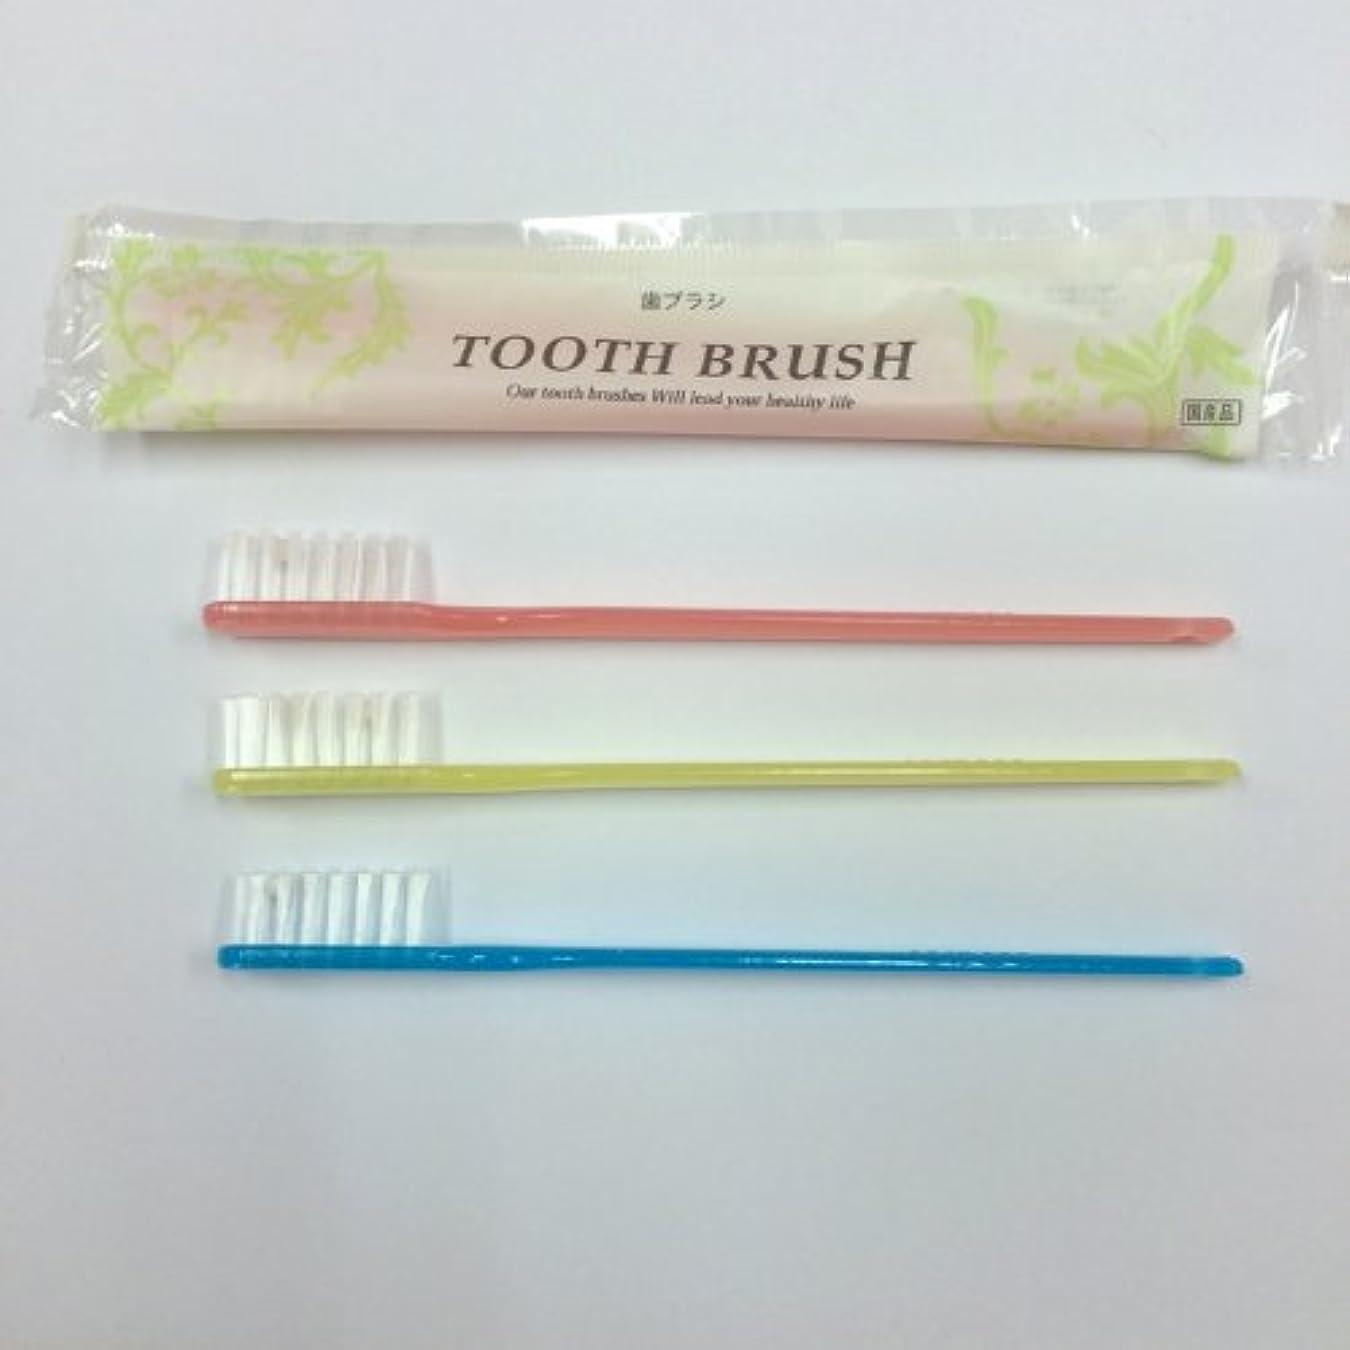 すなわち全体にショッキングインスタント歯ブラシ 3色アソート(ピンク?ブルー?イエロー) 200本